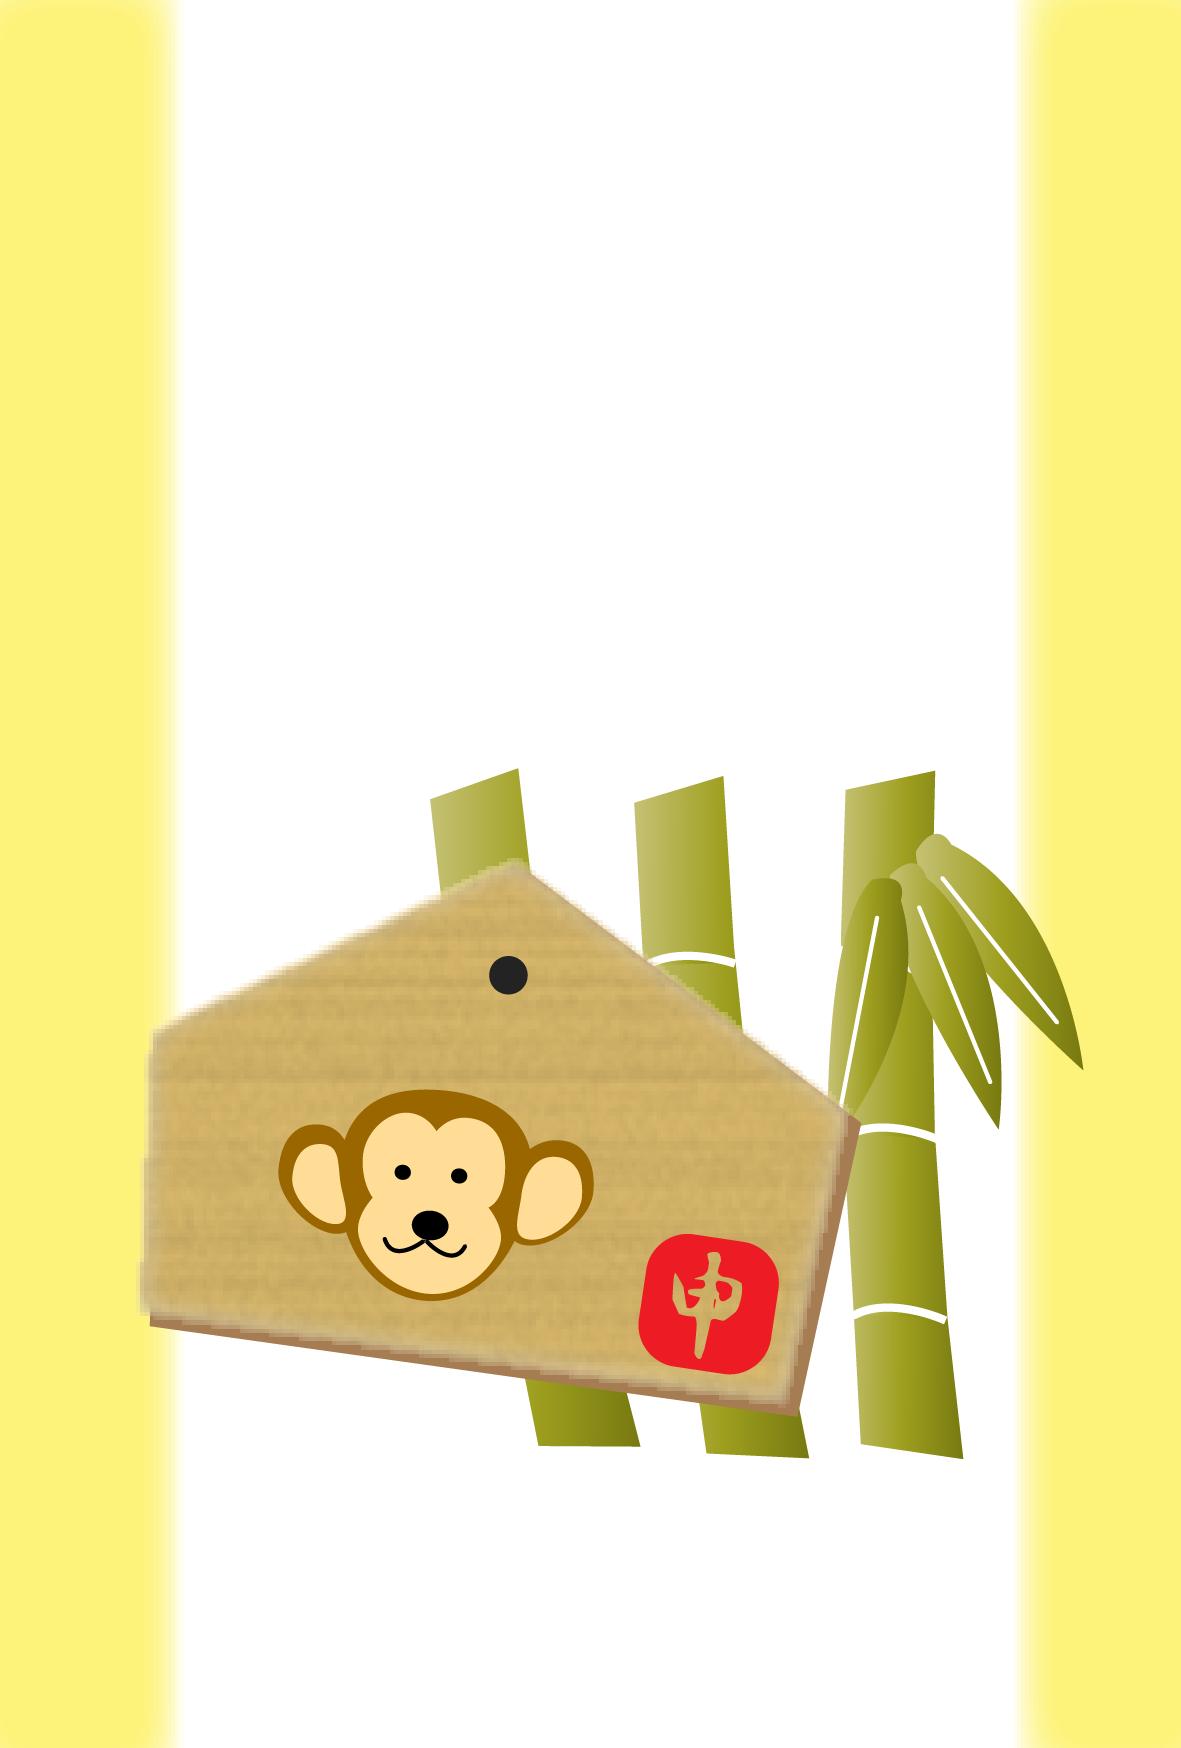 賀正と猿のイラスト入り絵馬と竹のデザイン(文字なし)